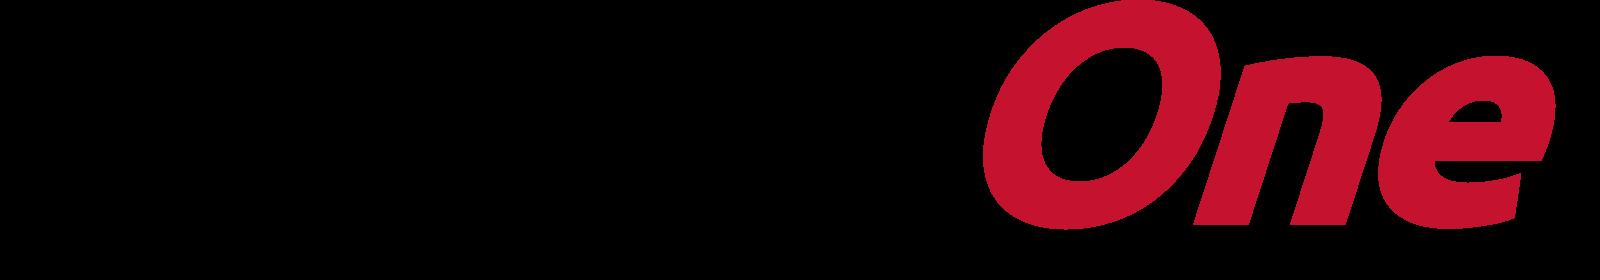 SentryOne-logo-300px.png